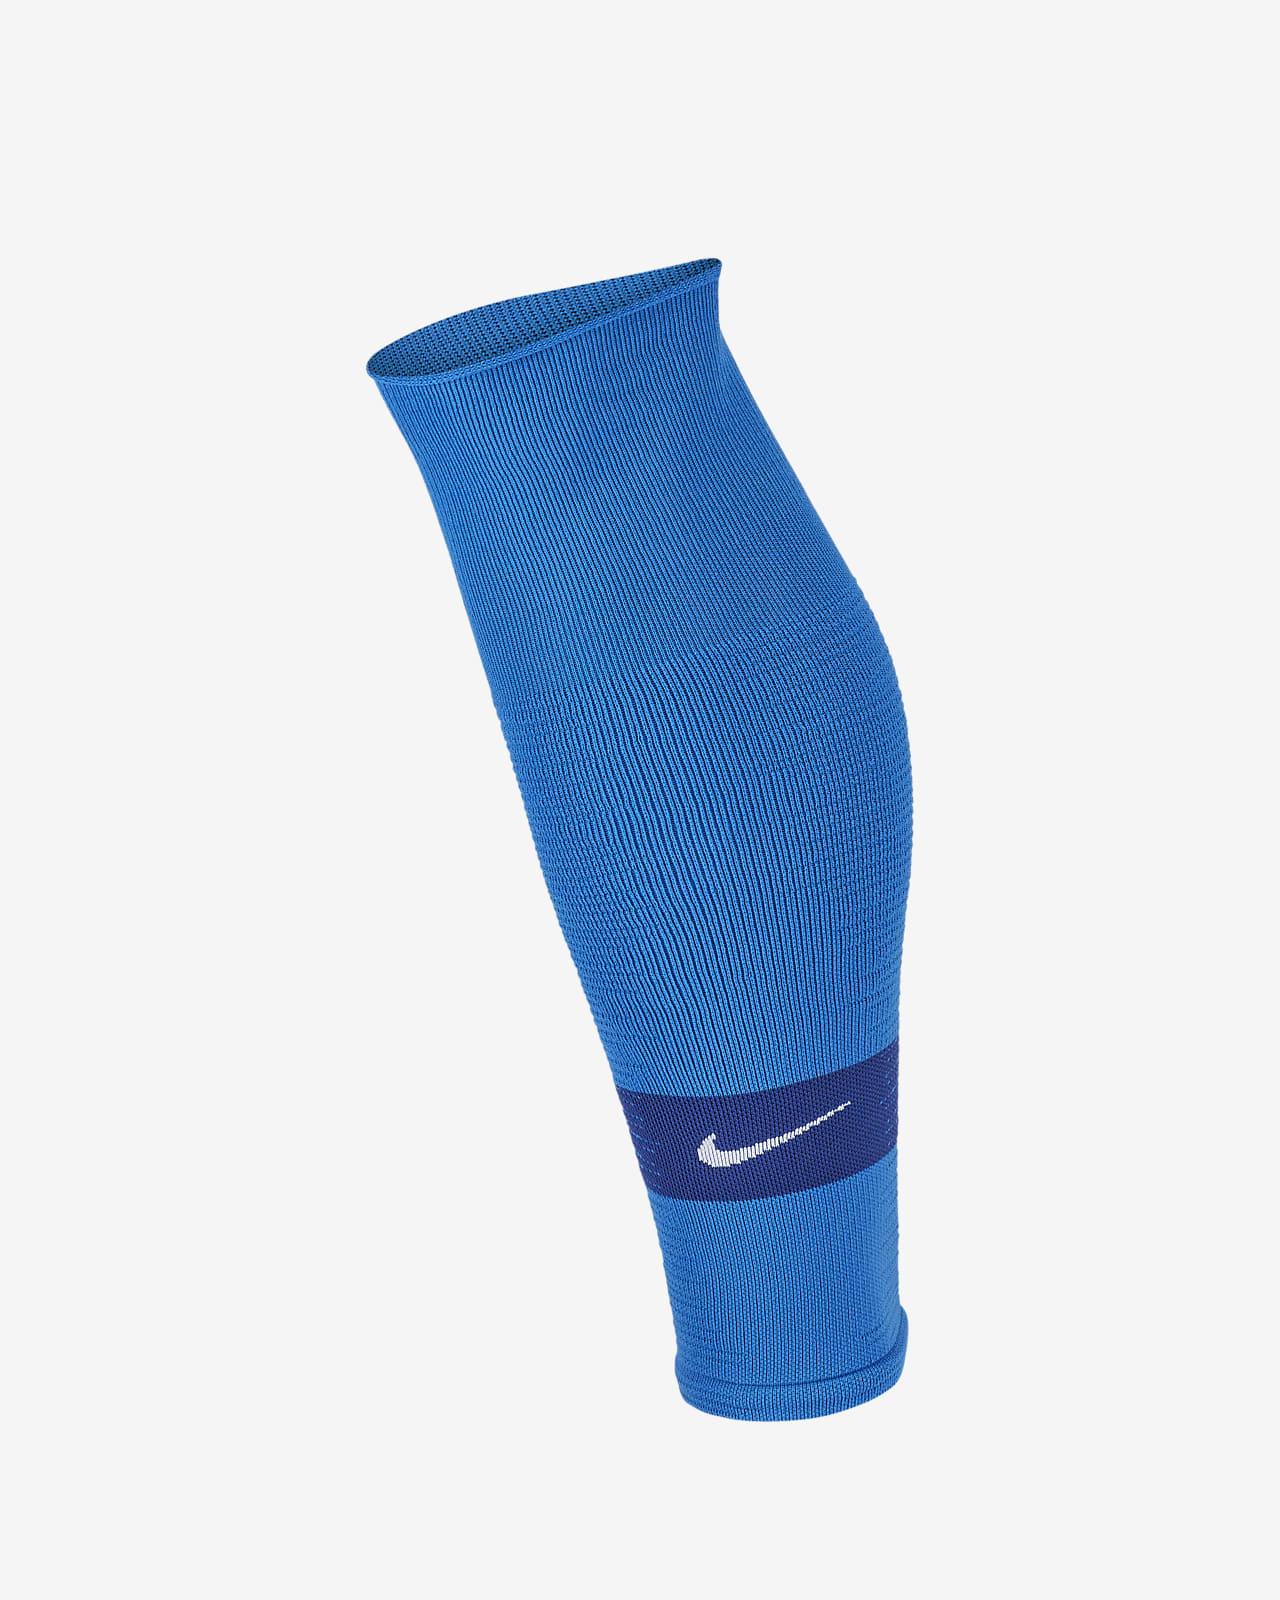 Nike Strike Unisex Football Leg Sleeve